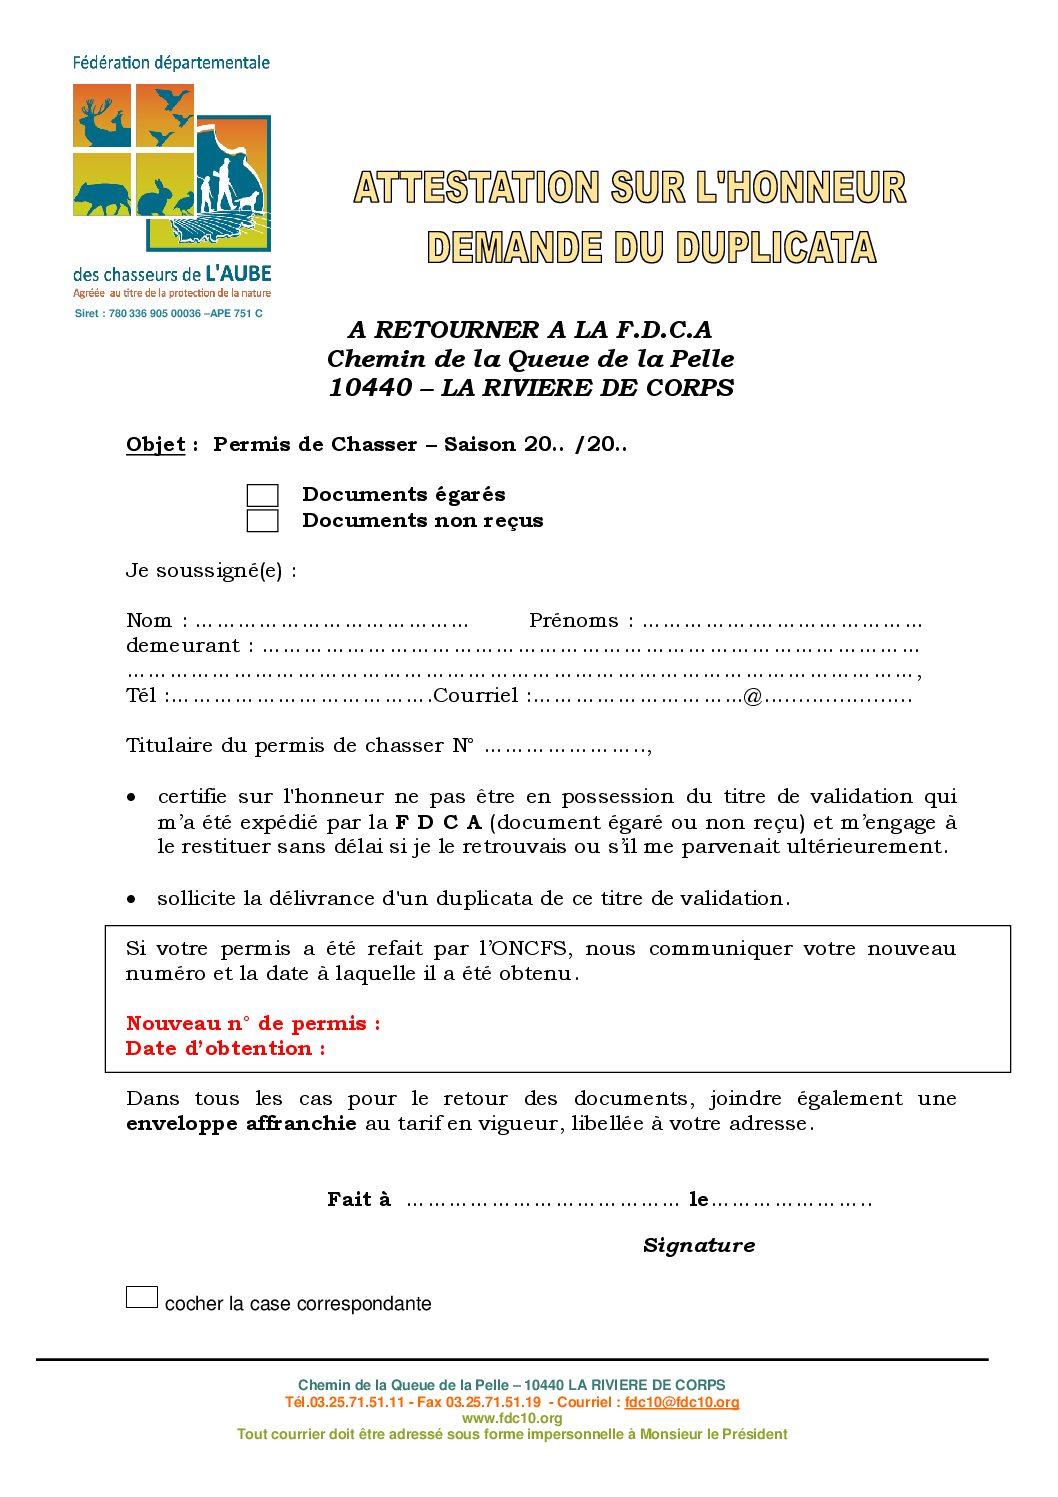 Attestation Sur L Honneur Saison 2018 2019 Federation Des